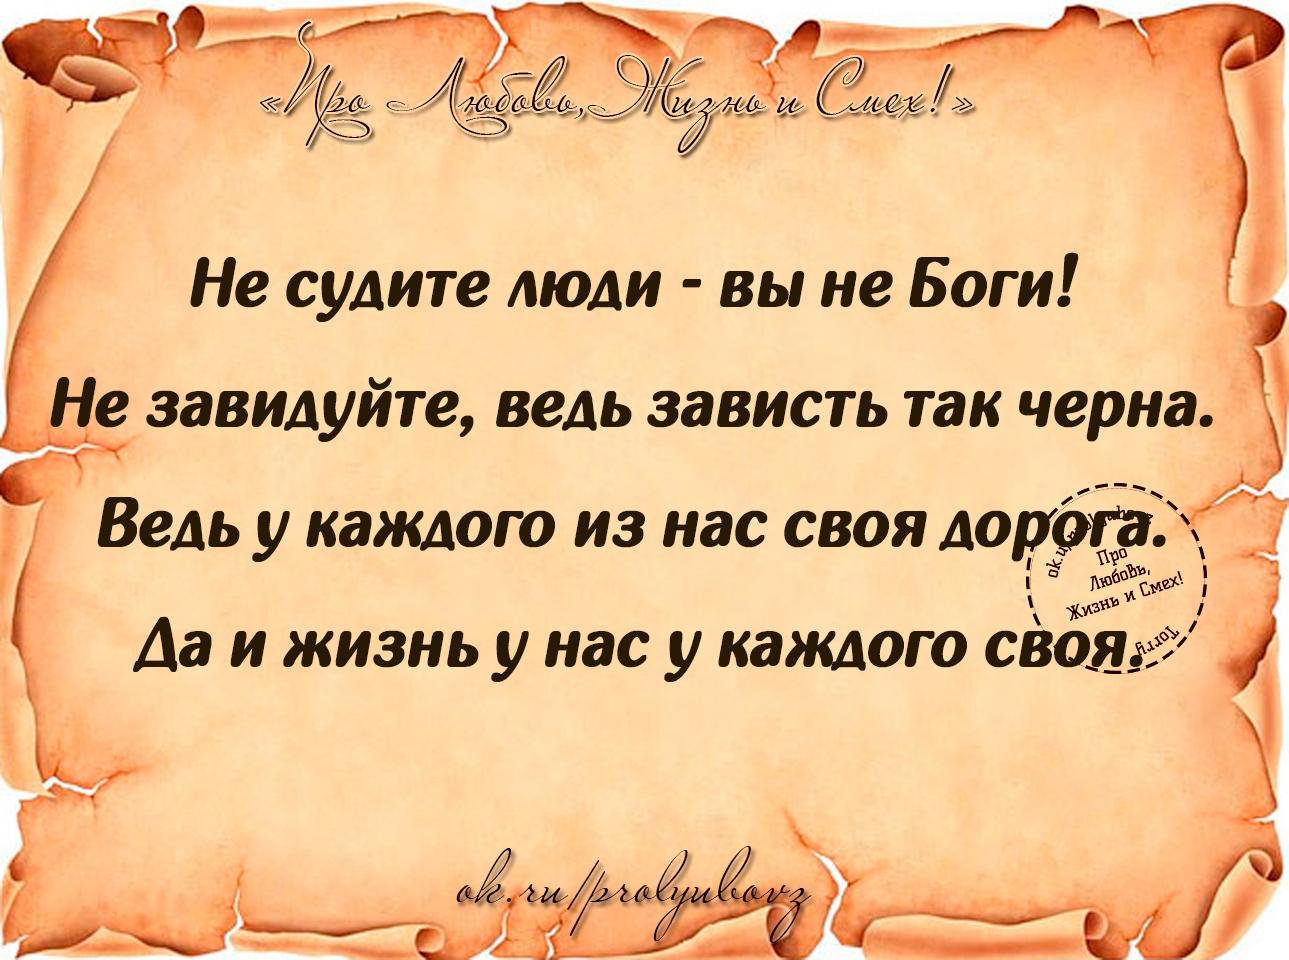 Цитаты о людях и жизни так чтобы каждое слово